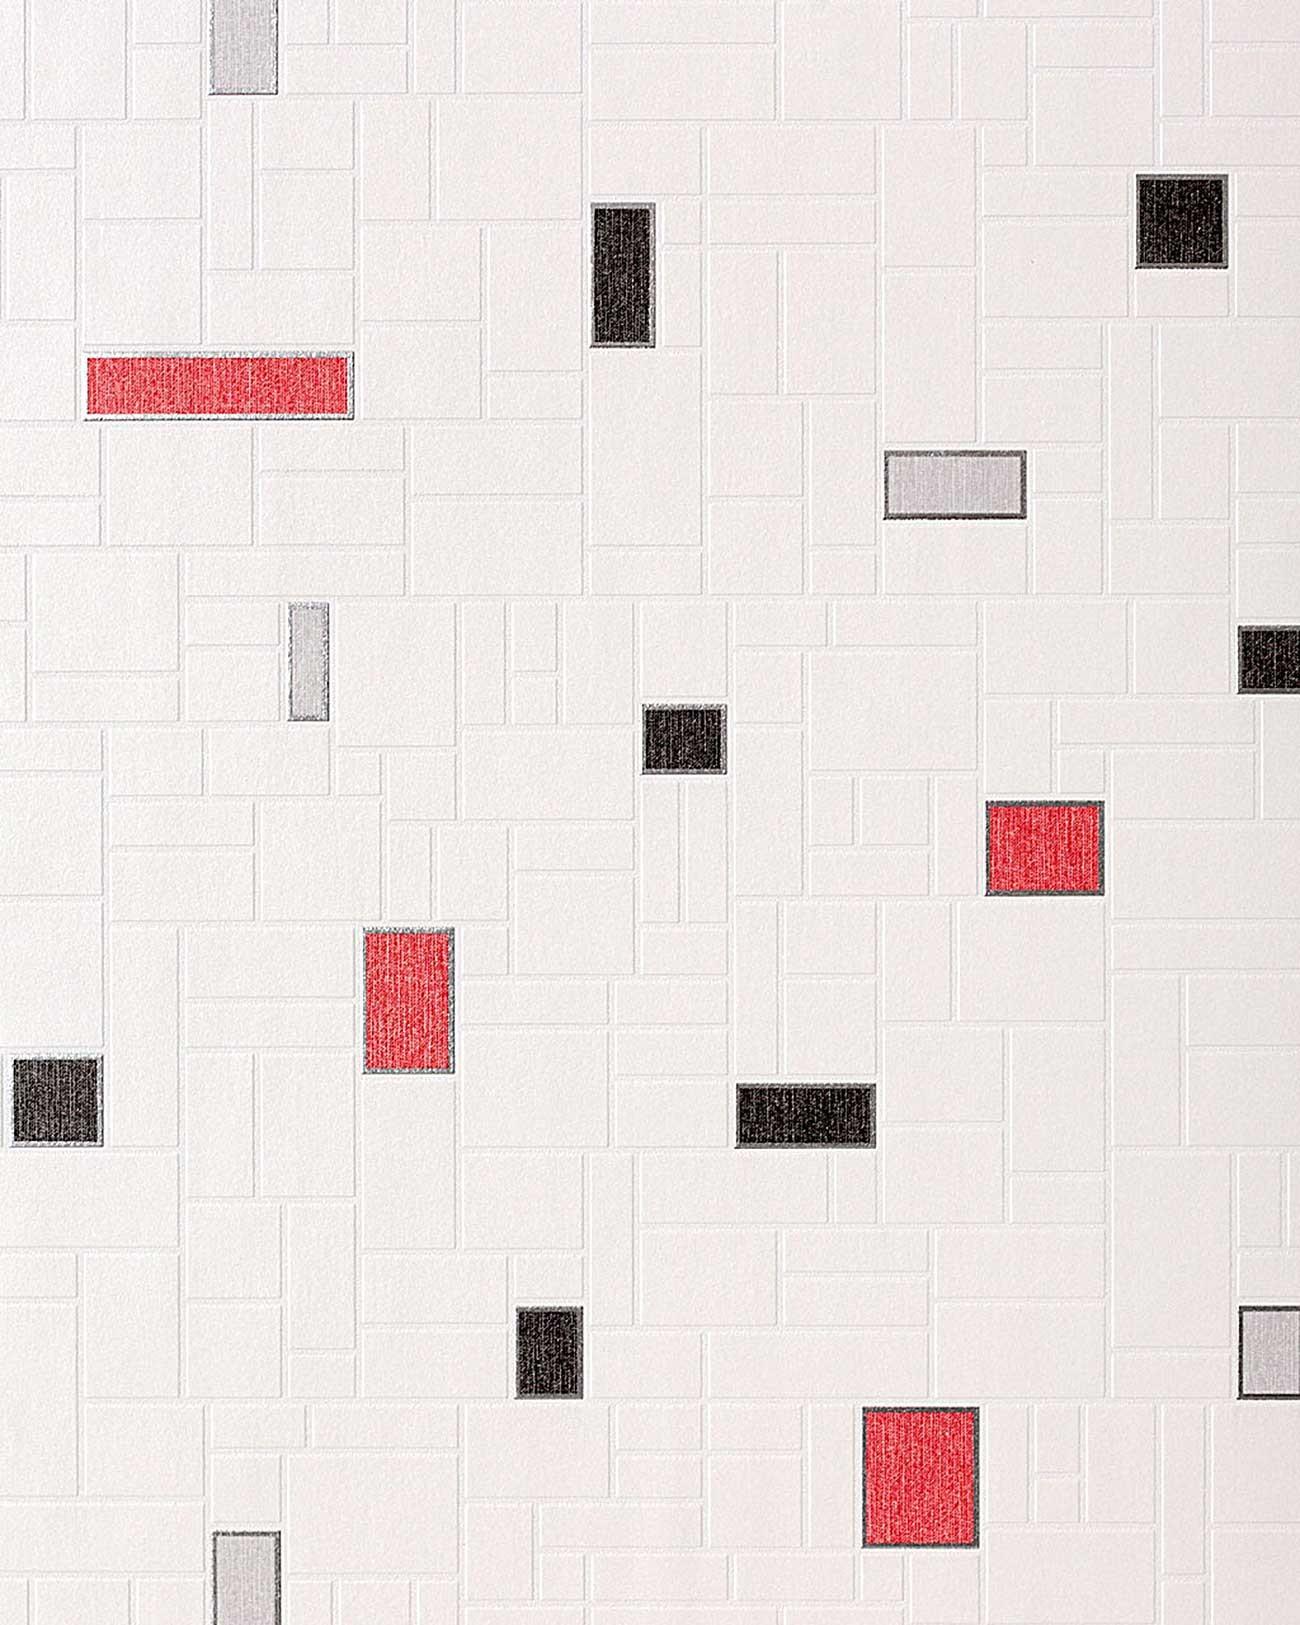 Tapeten schwarz rot weiss günstig kaufen bei yatego